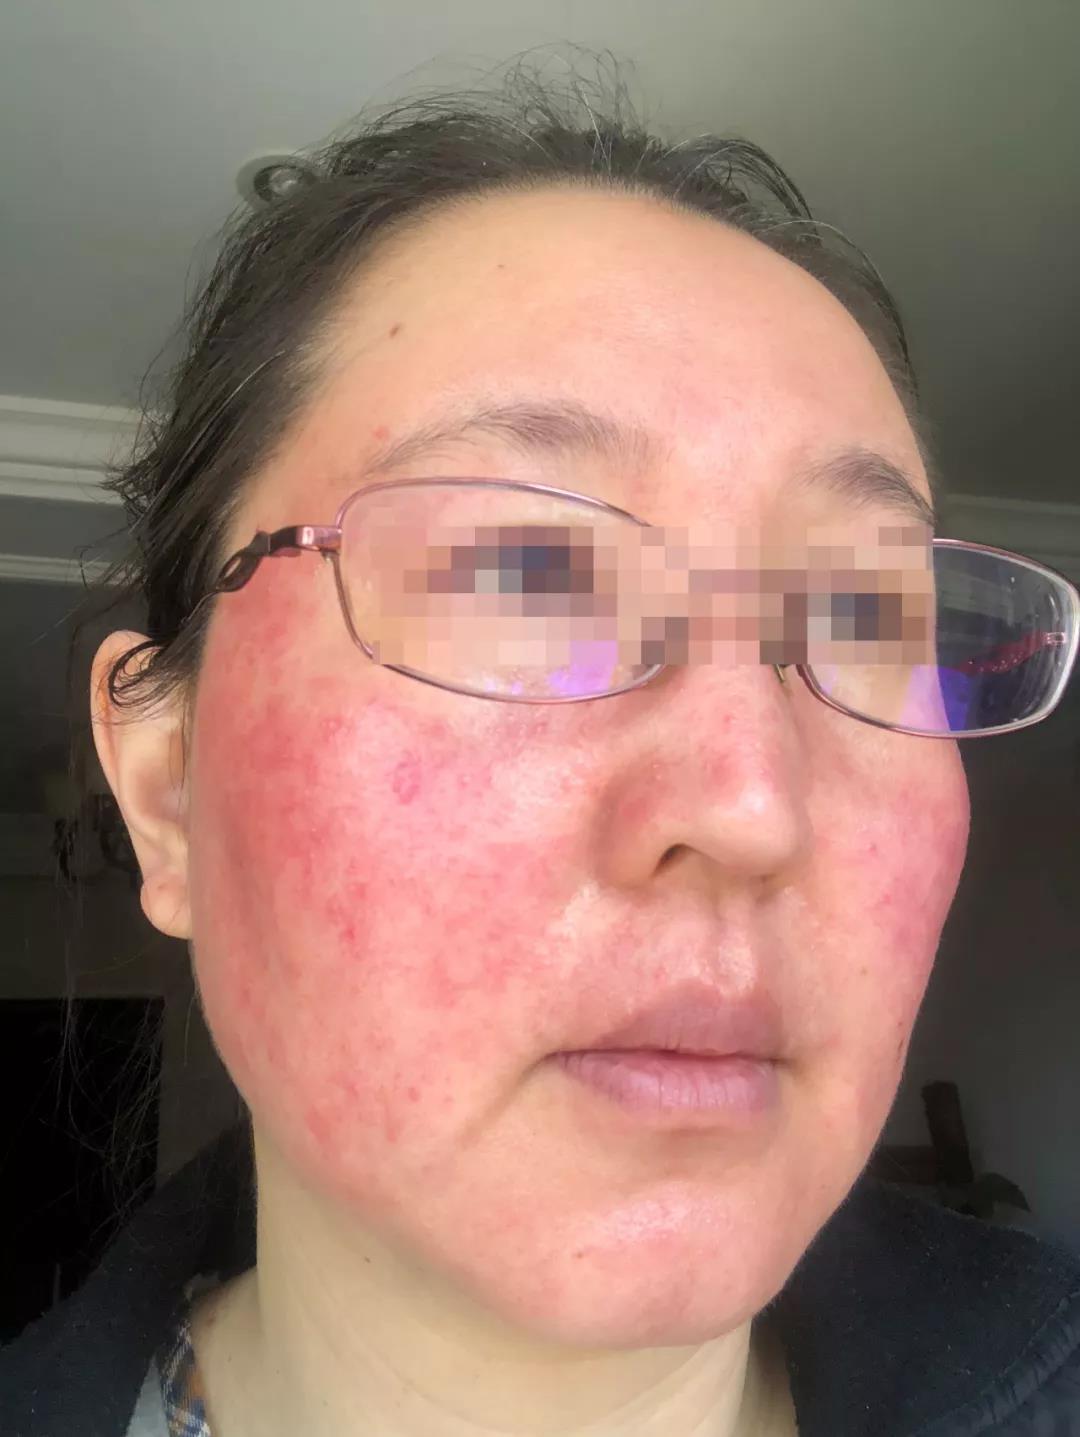 脸发红发痒是什么原因?遇到皮肤过敏该怎么办